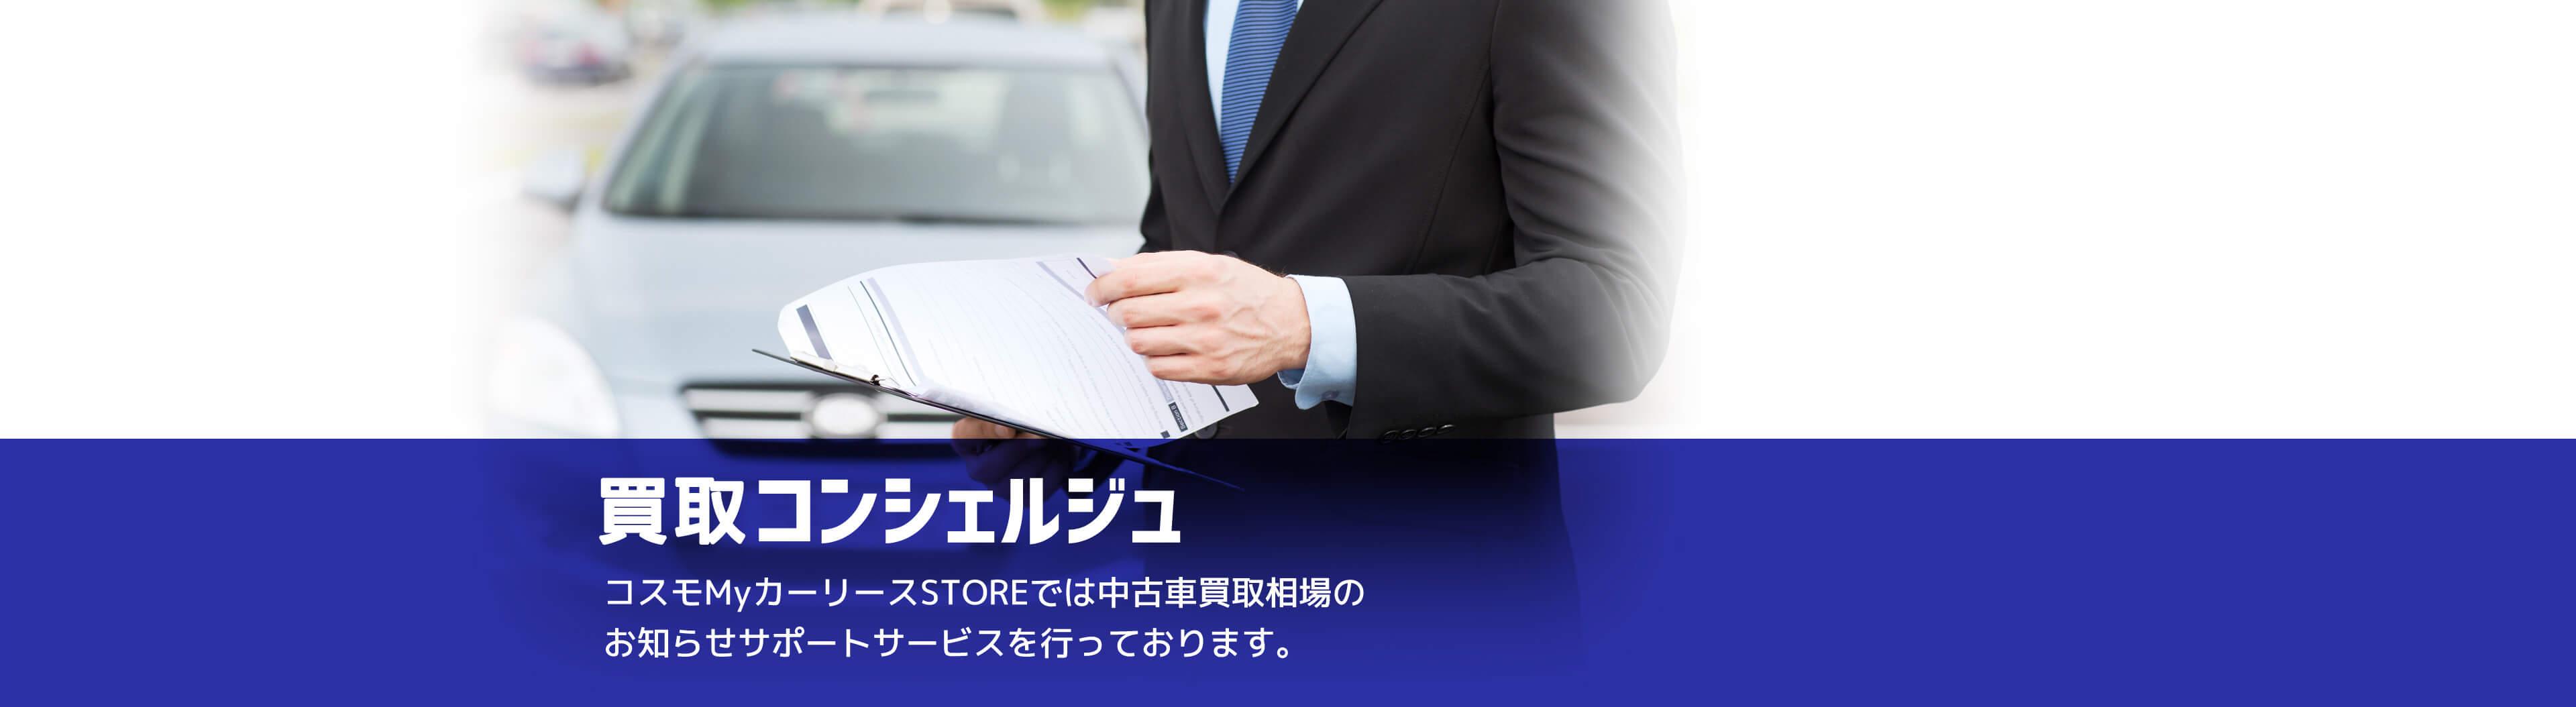 買取コンシェルジュ コスモMyカーリースSTOREでは中古車買取相場のお知らせサポートサービスを行っております。